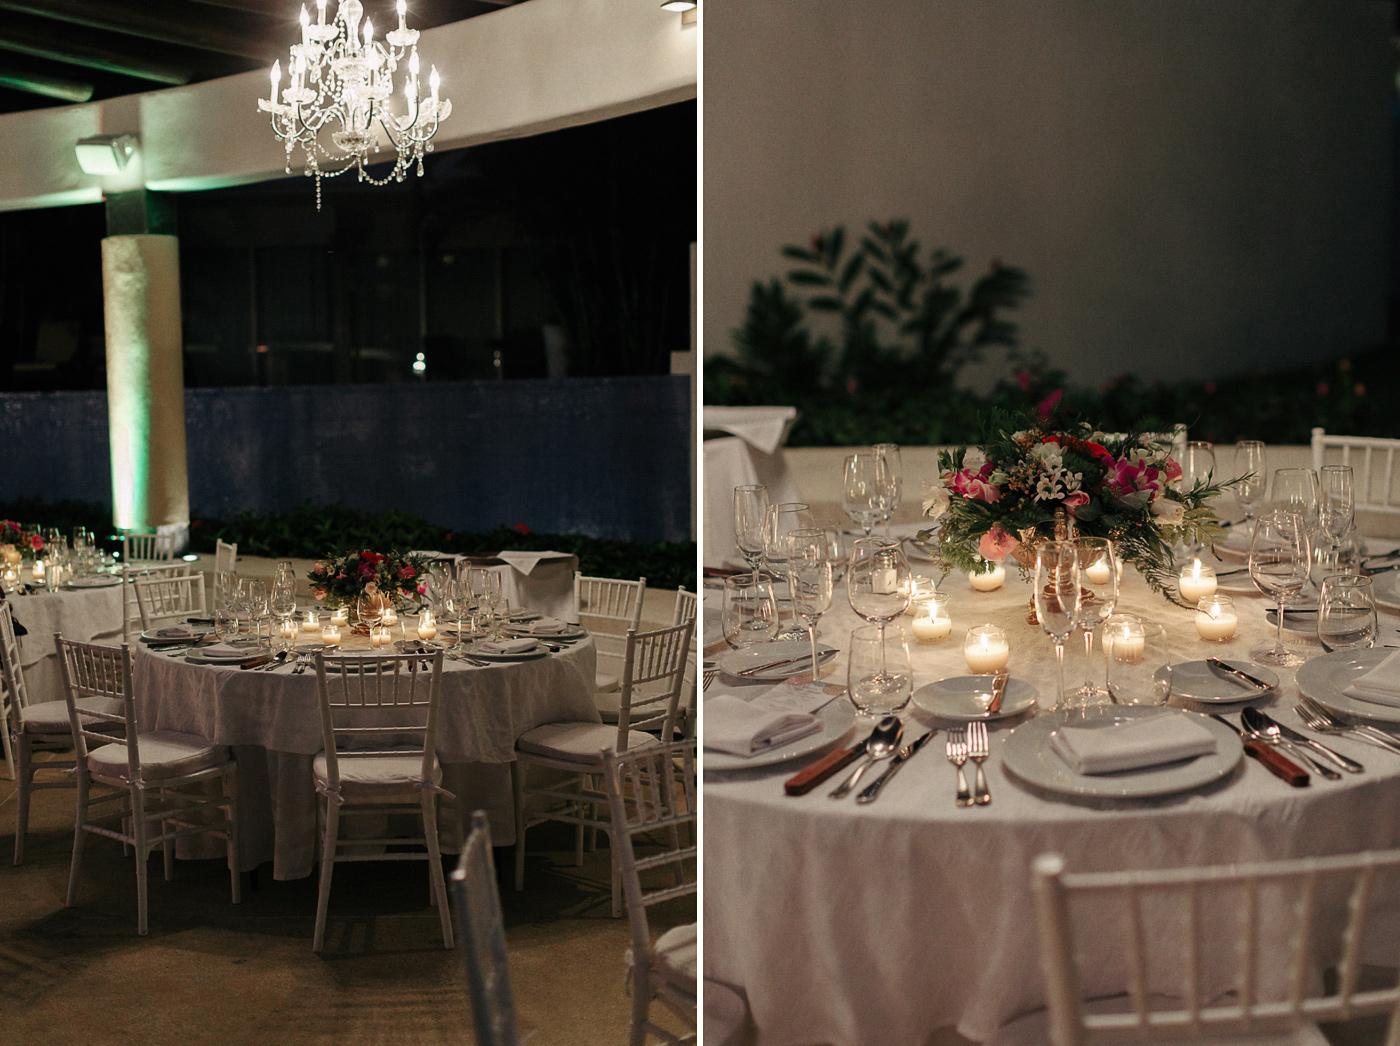 186-puerto-vallarta-wedding-reception.jpg